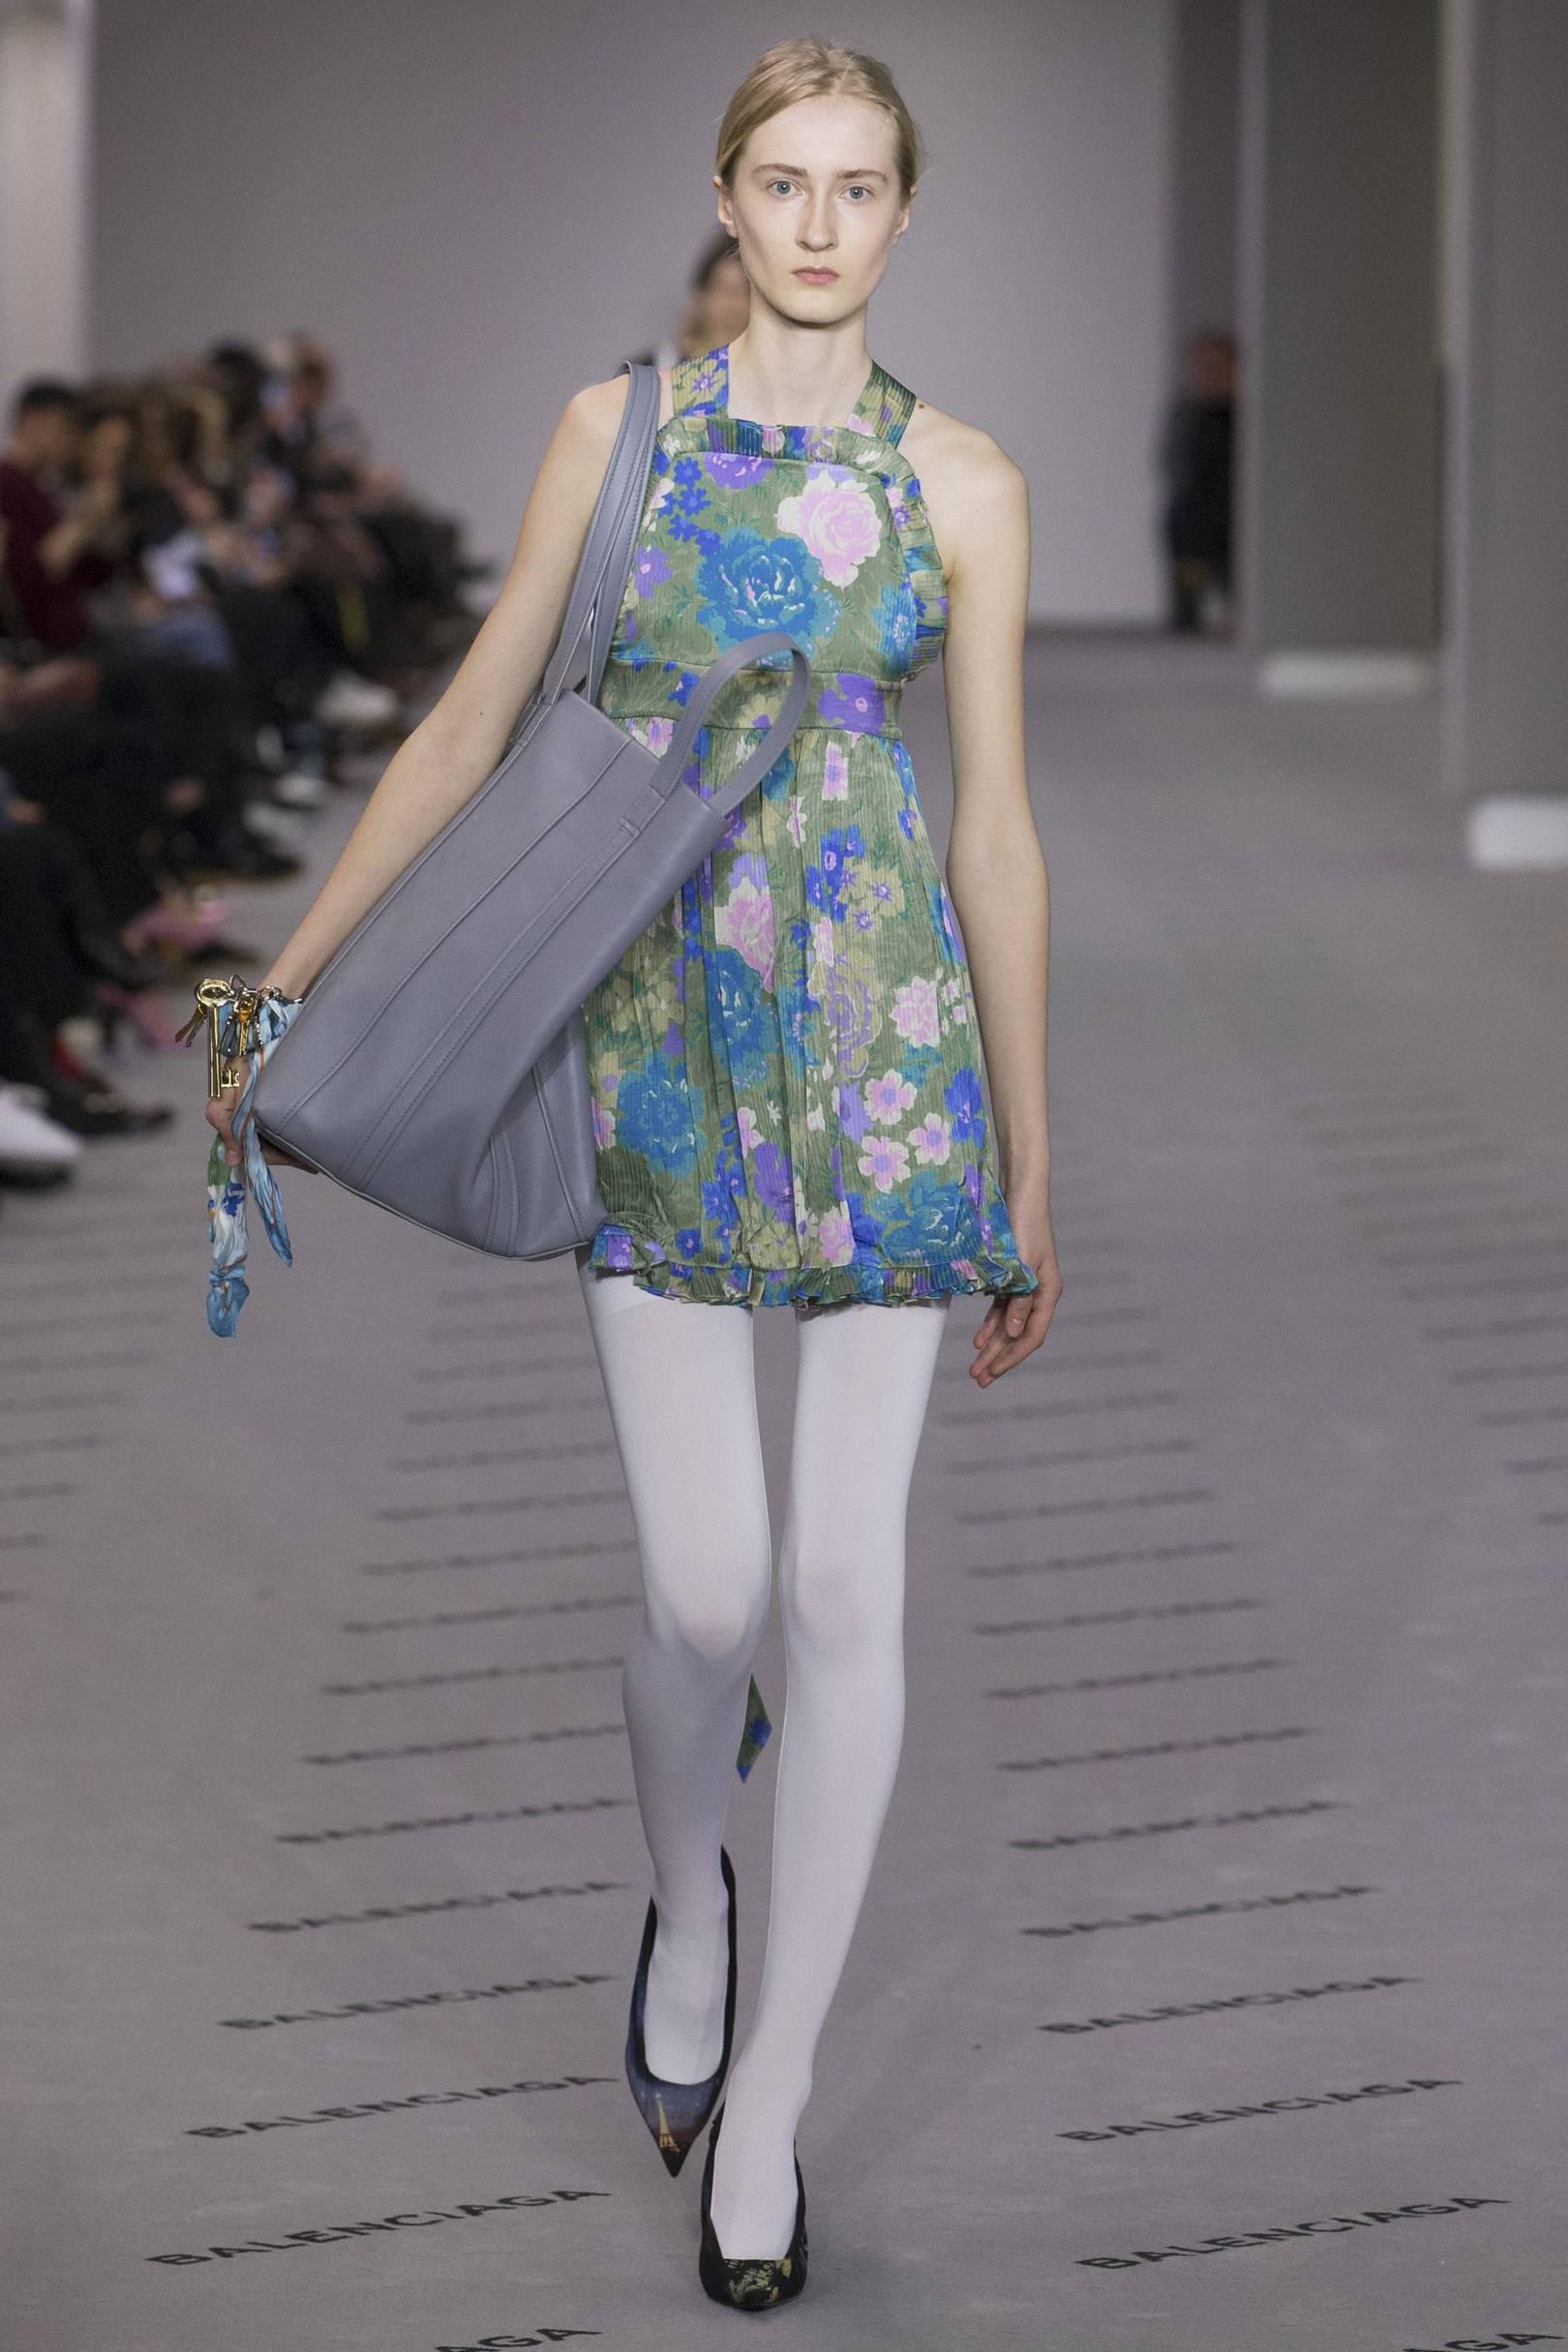 autumn winter trends when to wear tights british vogue